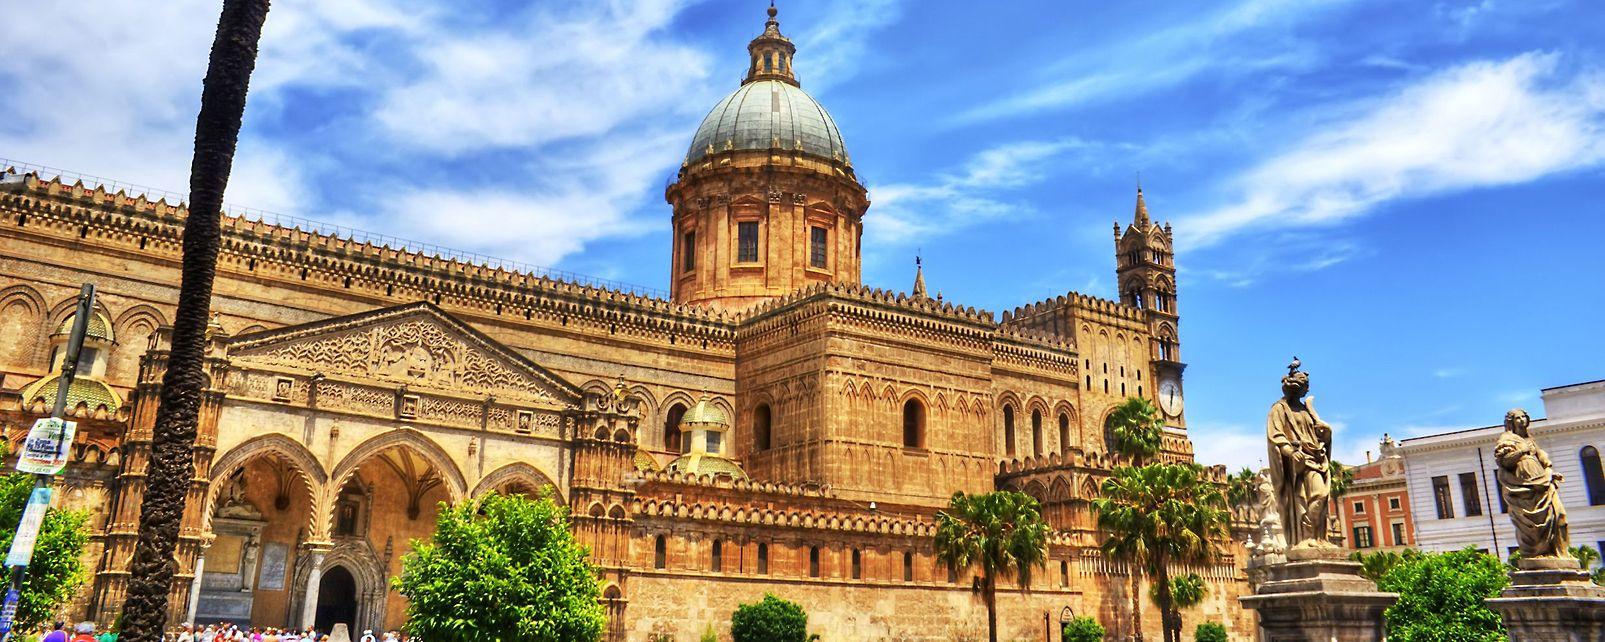 Palermo, Sicilia, Italia,